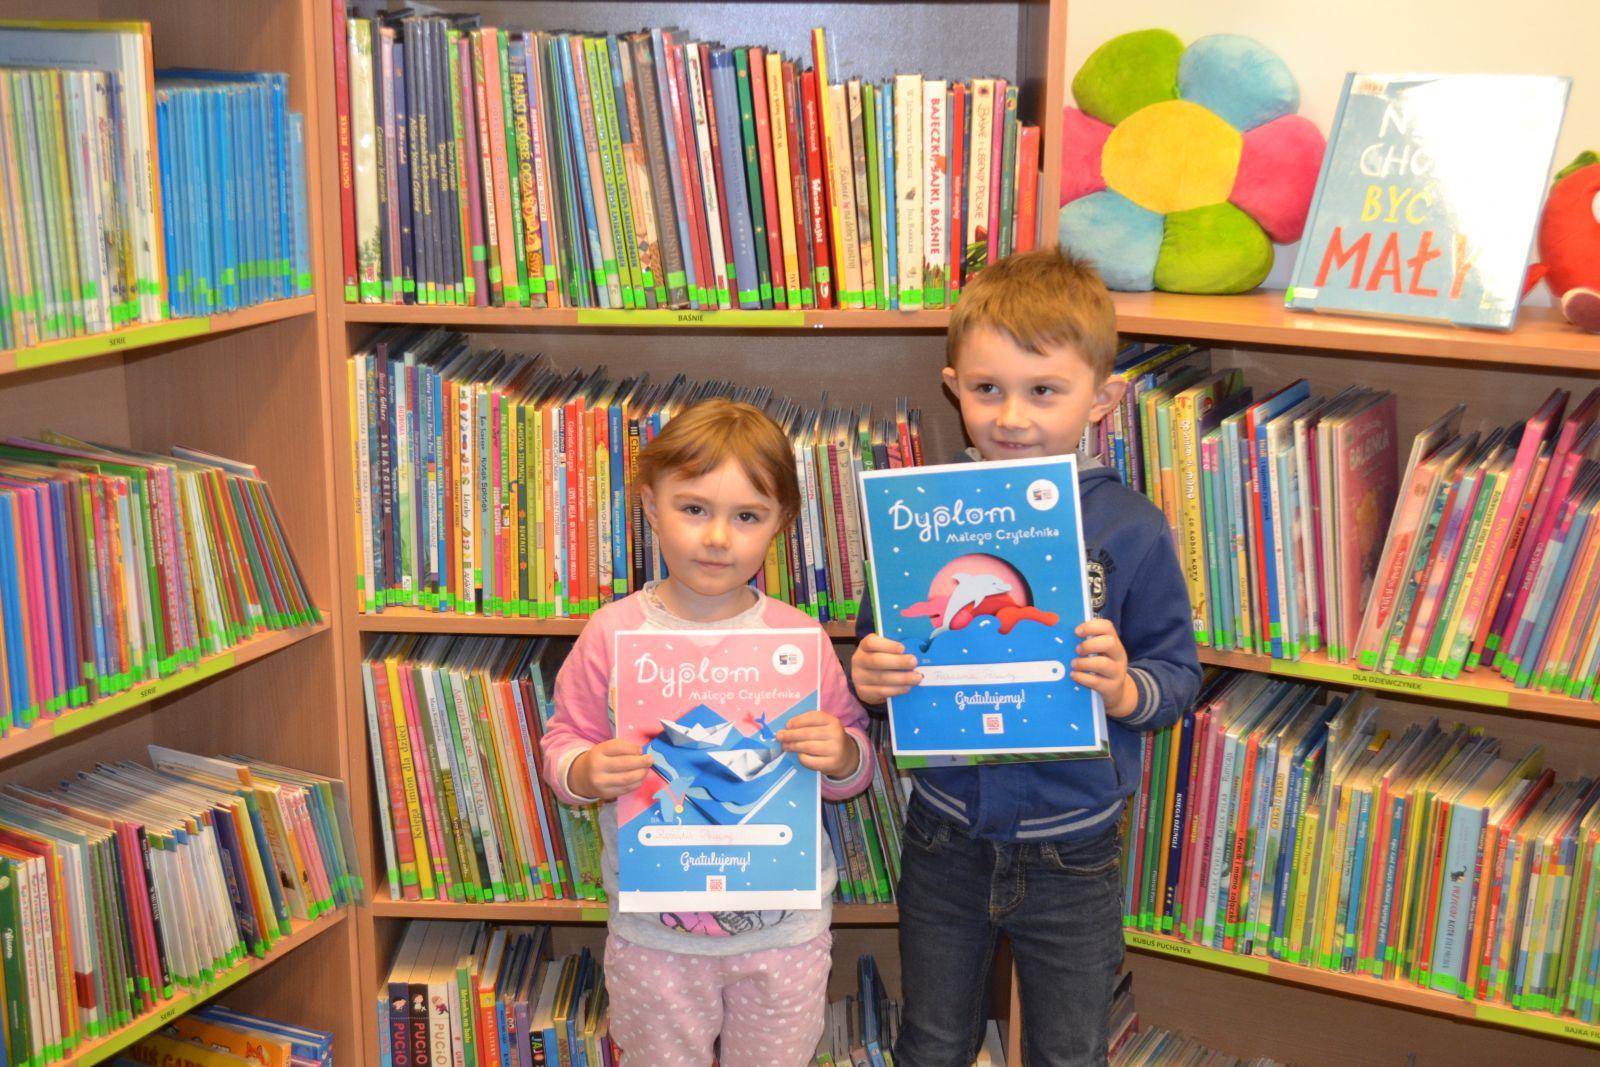 Dziewczynka i chłopczyk na tle regałów z książkami dla dzieci trzymający przed sobą w dłoniach dyplomy.